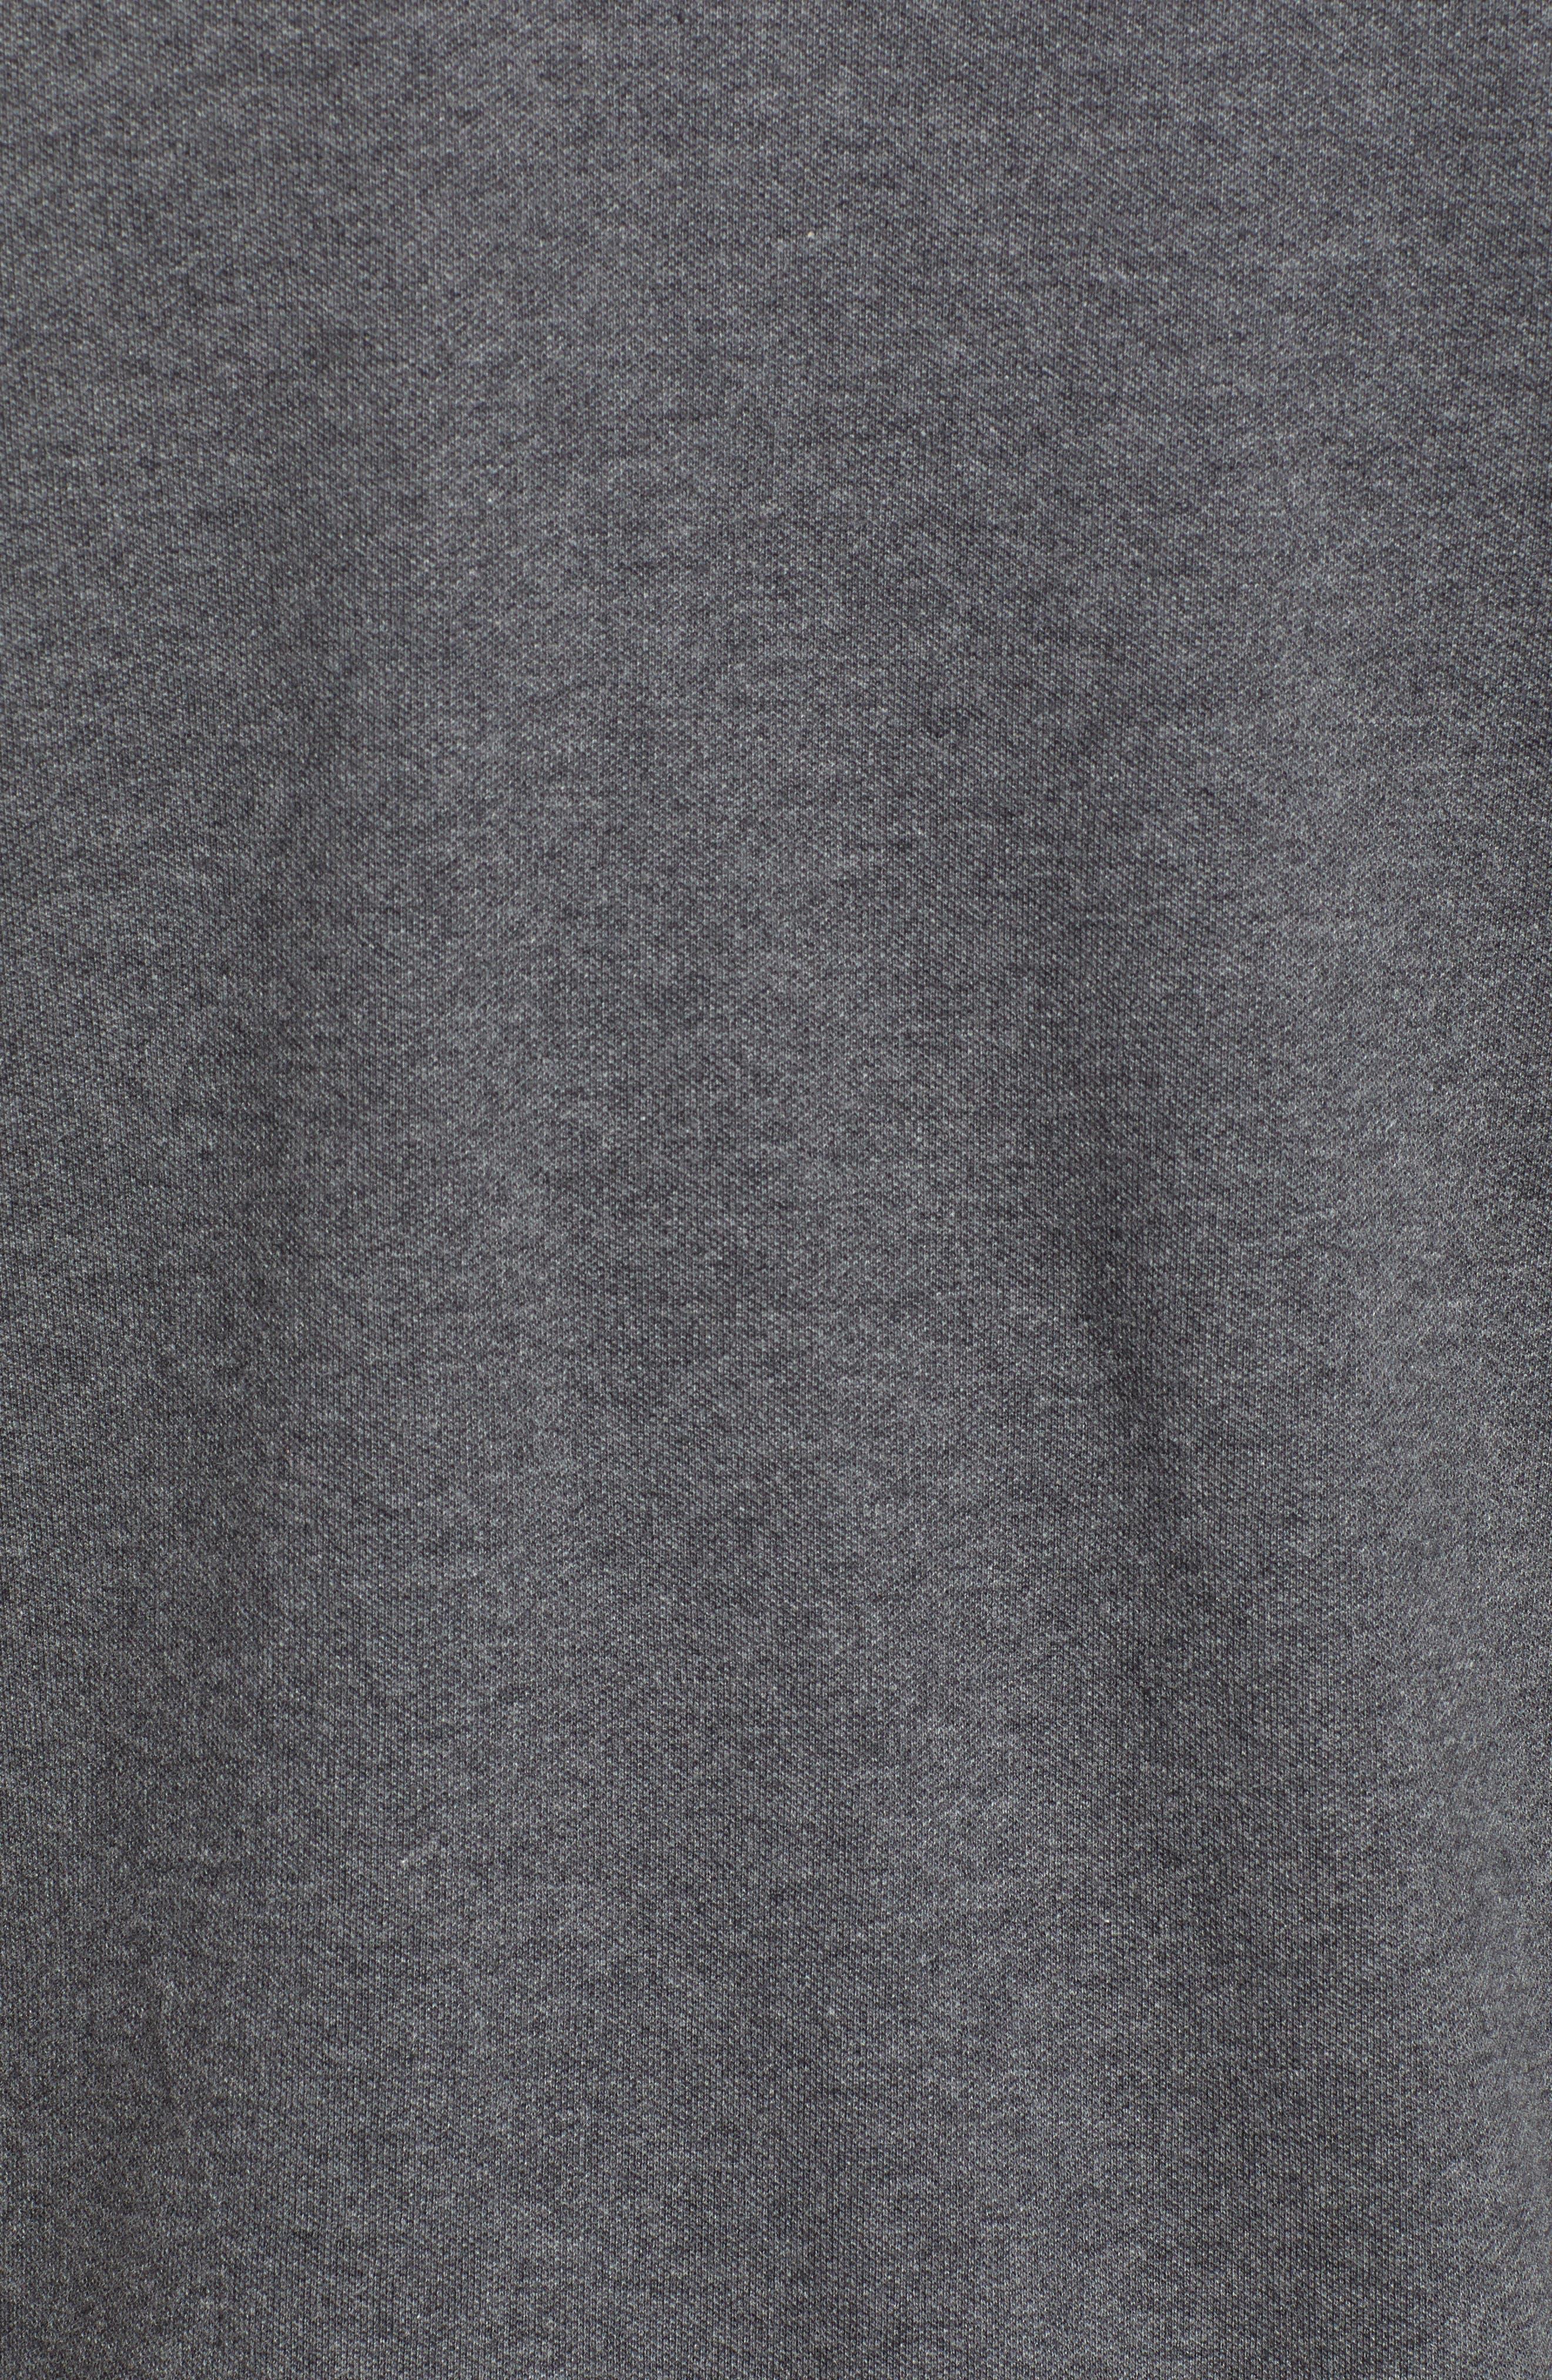 VINEYARD VINES,                             Regular Fit Piqué Polo,                             Alternate thumbnail 5, color,                             025